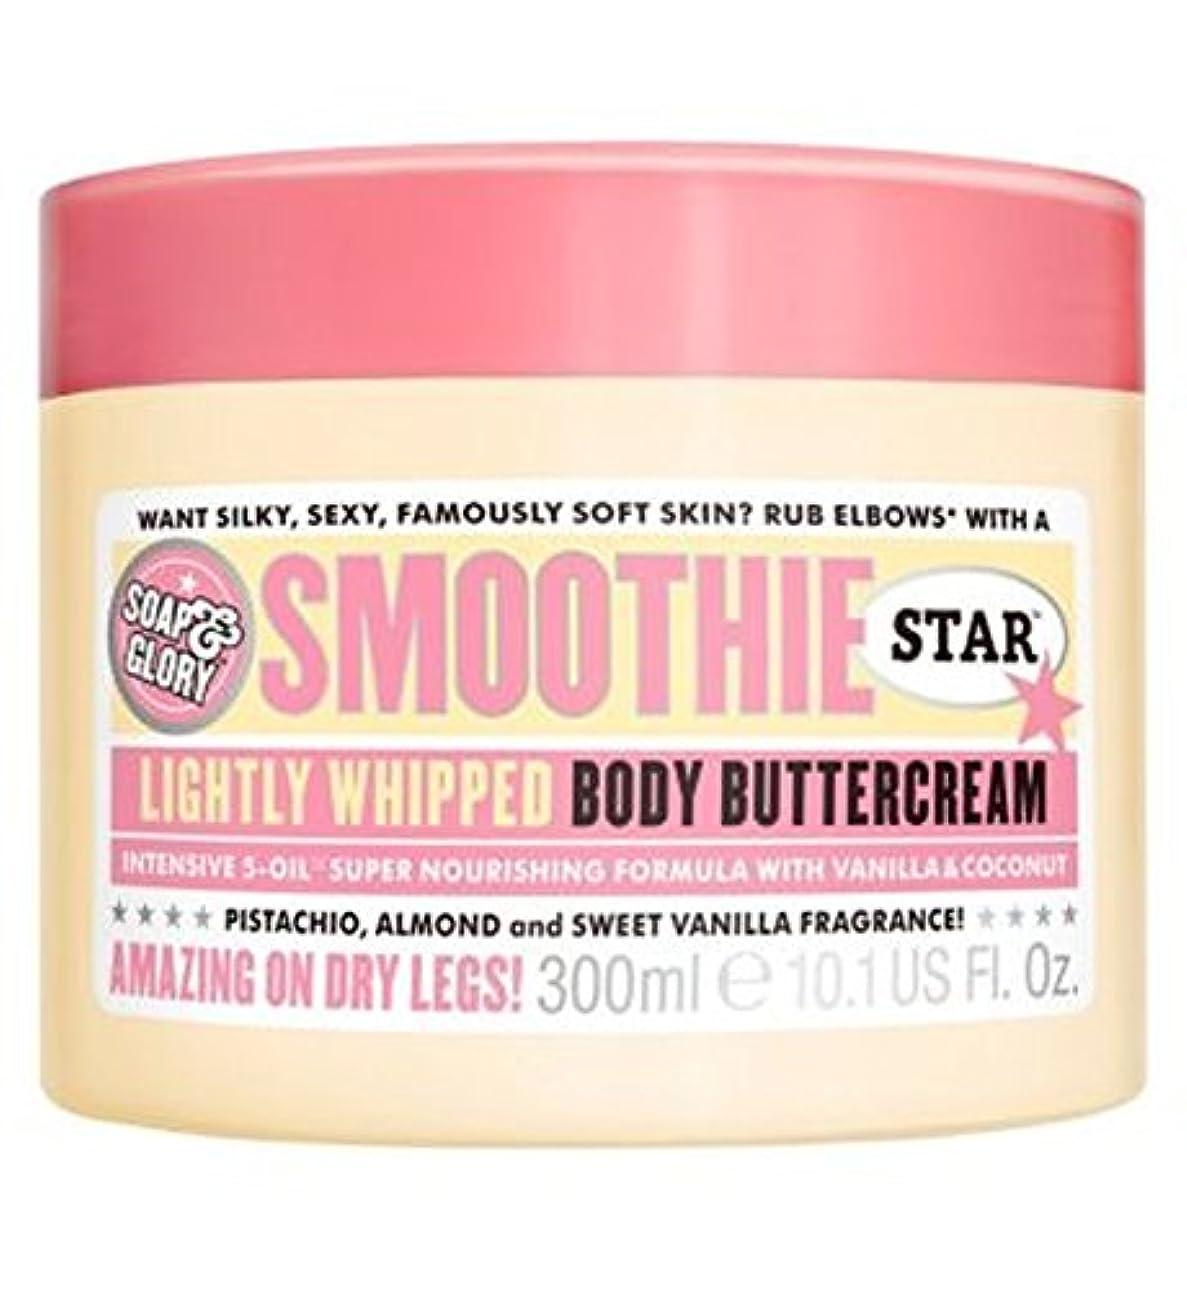 インフレーション家事をするフィードバックSoap & Glory Smoothie Star Body Buttercream 300ml - 石鹸&栄光スムージースターのボディバタークリームの300ミリリットル (Soap & Glory) [並行輸入品]